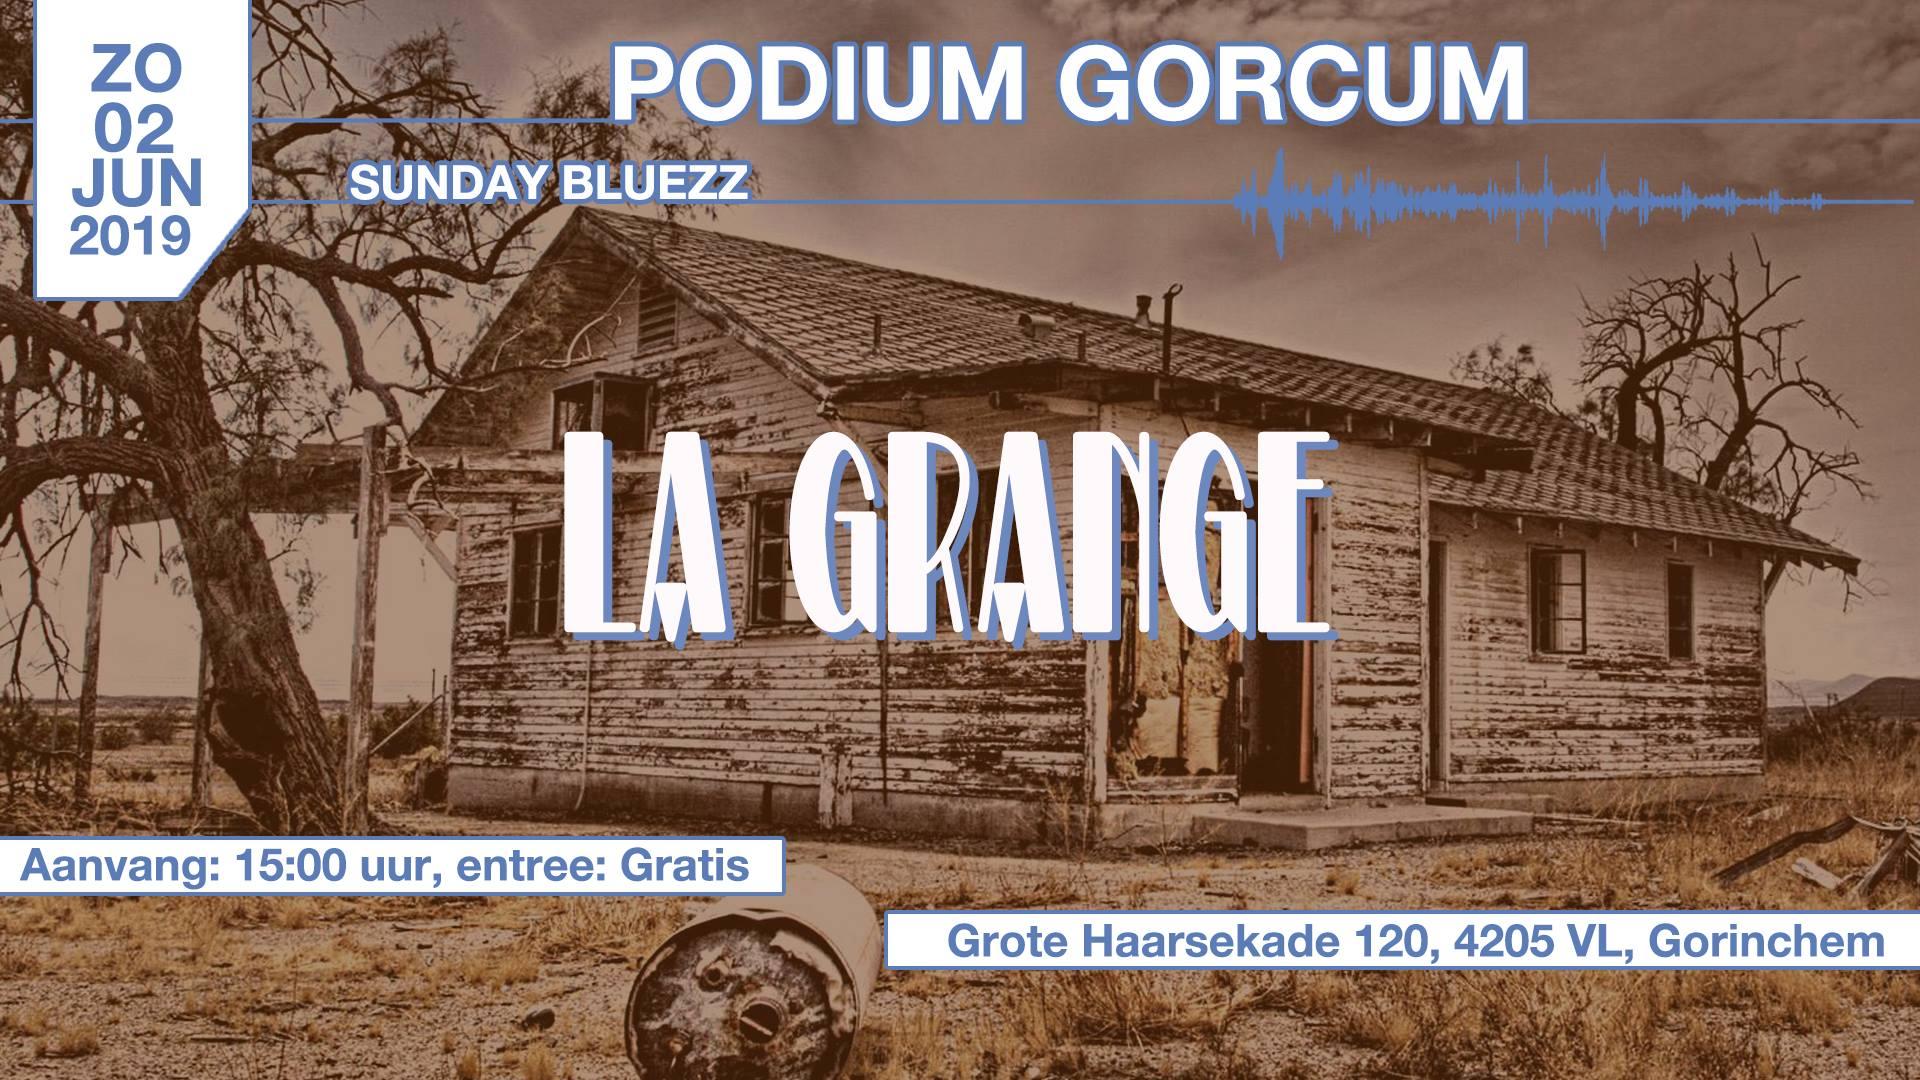 Sunday Bluezz met: La Grange @ Podium Gorcum